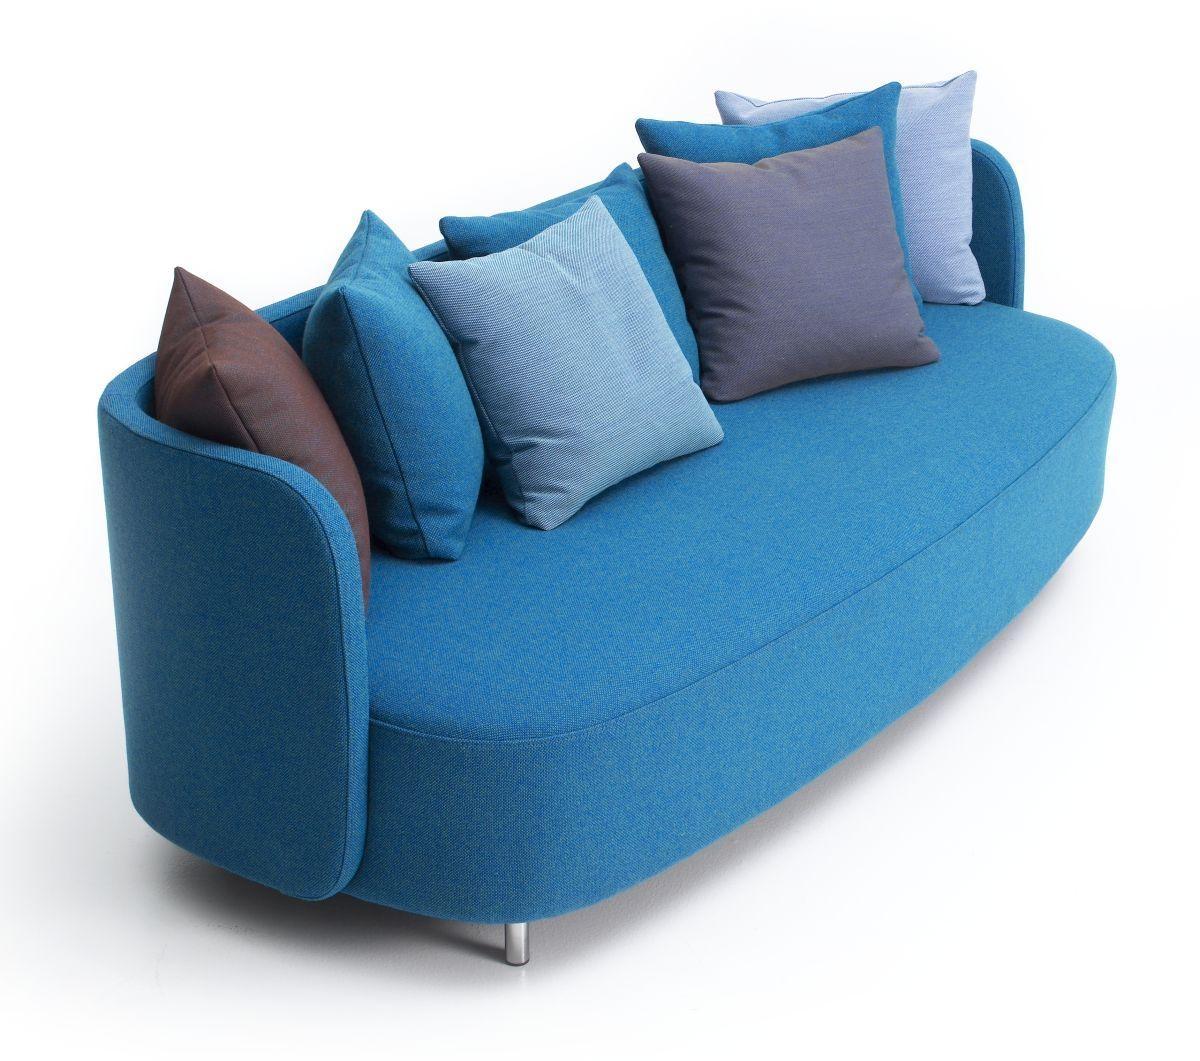 Blue Sofa | Design Your Life Regarding Blue Sofas (View 2 of 20)